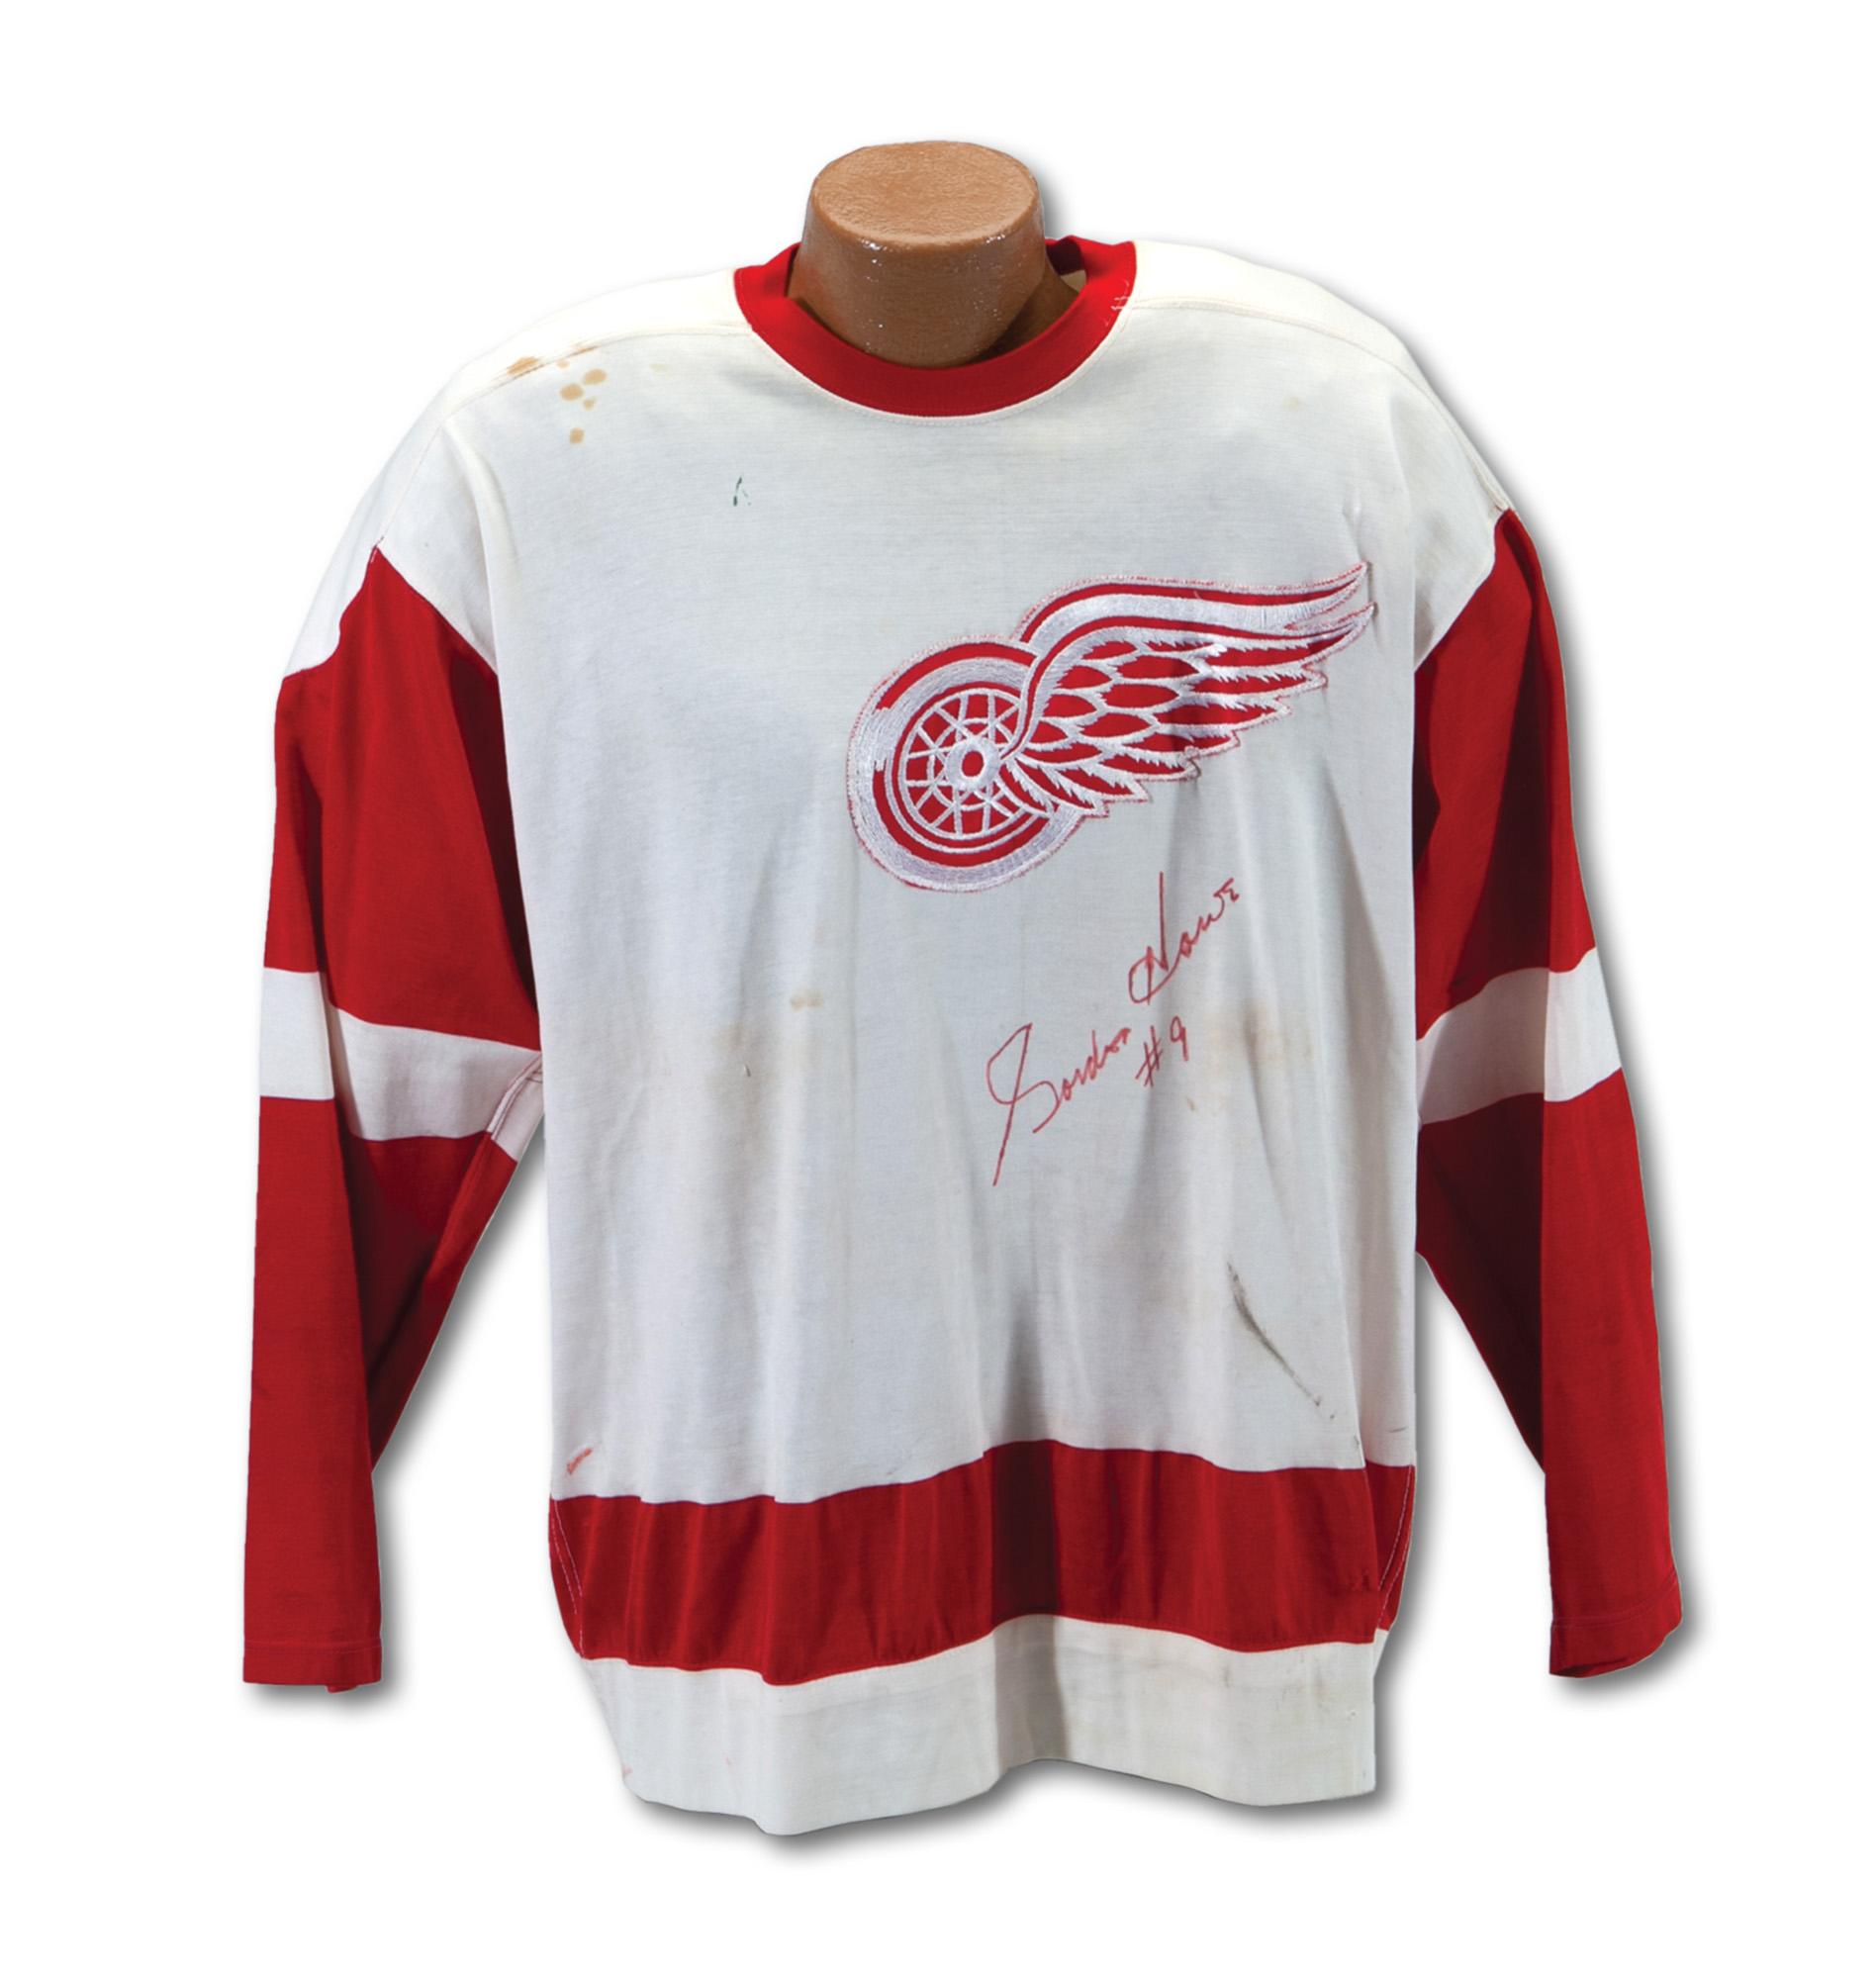 a1ad9caf981 Vintage Gordie Howe jersey nears $70,000 mark